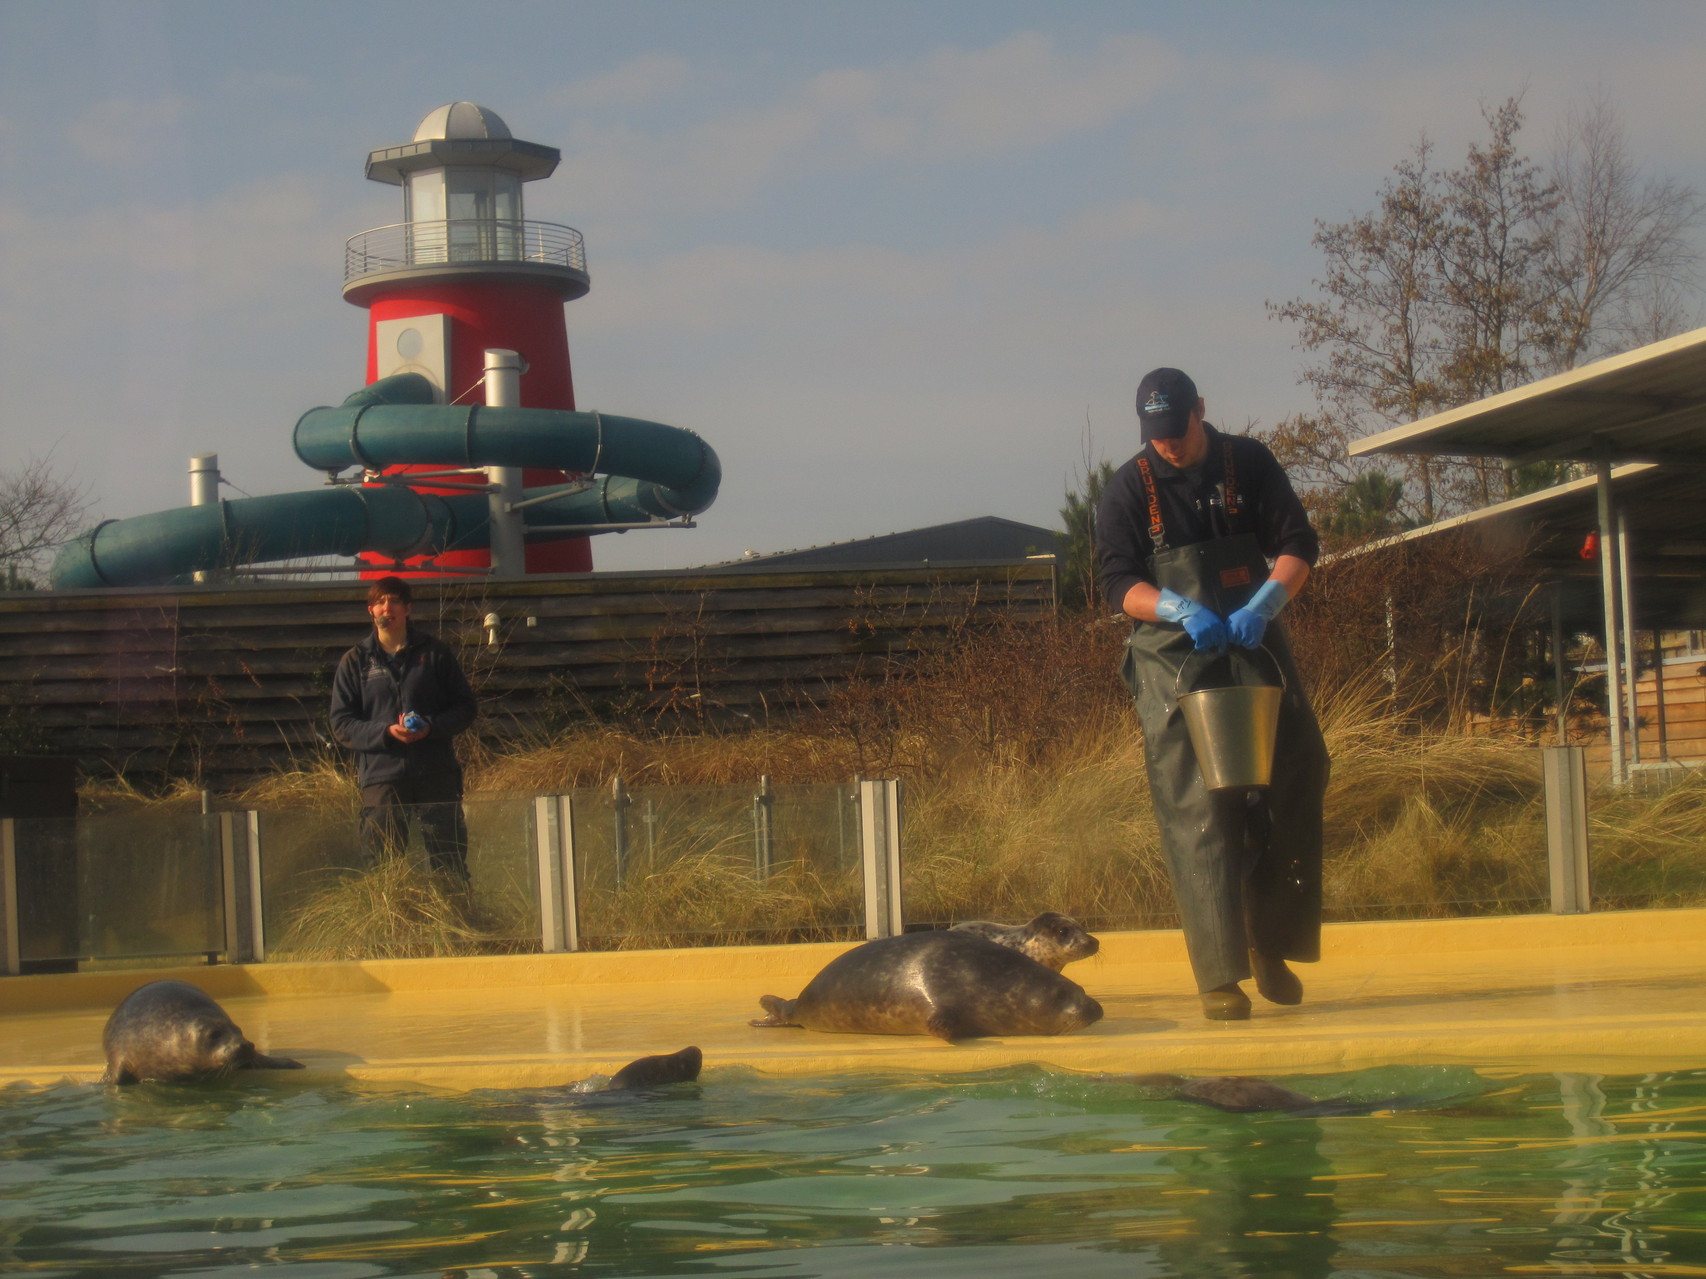 Fütterung in der Seehundstation Norddeich. Im Hintergrund: Wasserrutsche des Oceanwave-Hallenbads